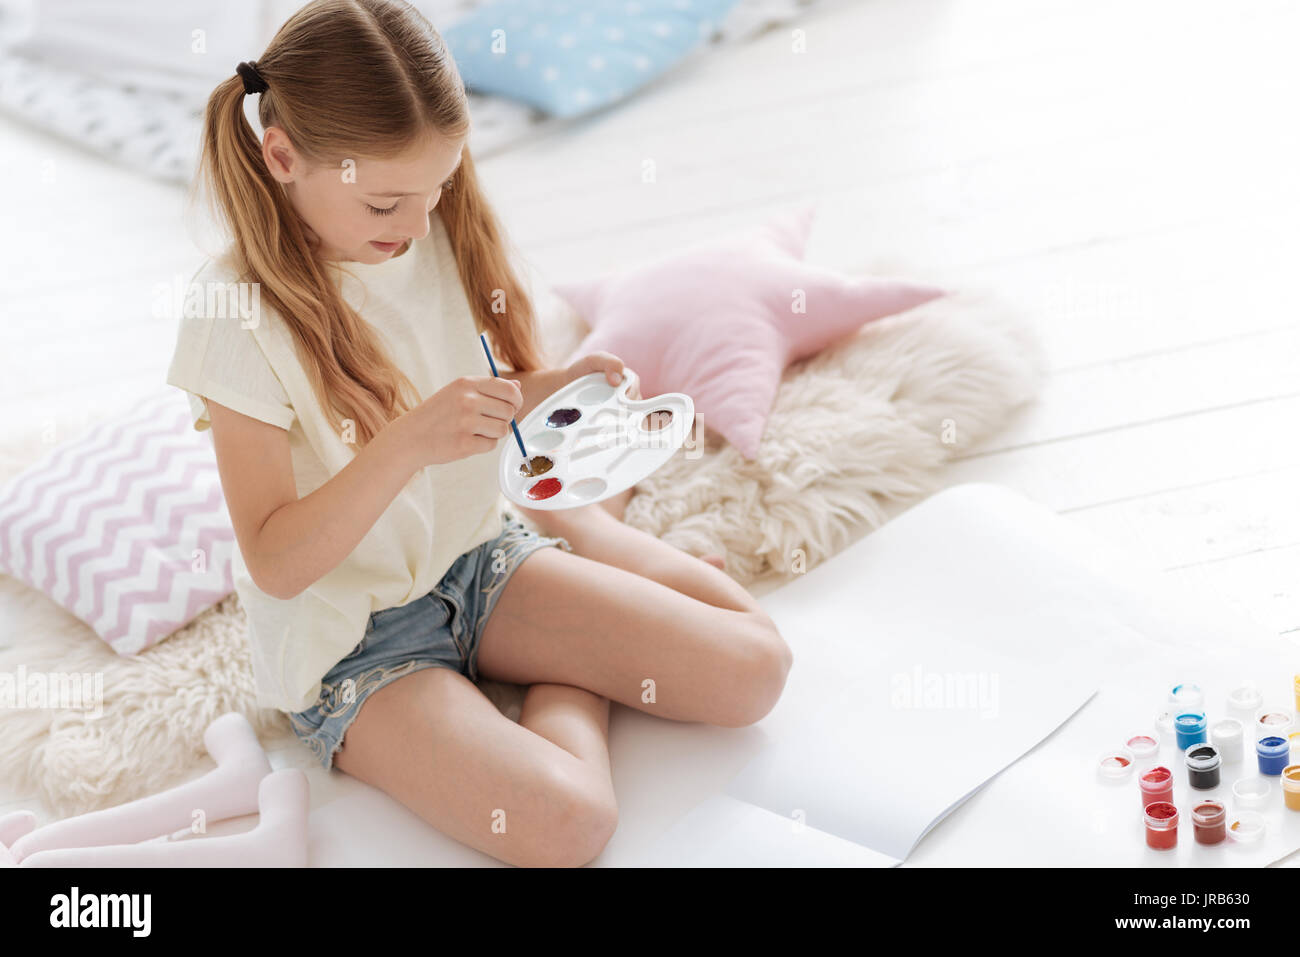 Curioso joven femenina mezclado de pinturas en la paleta Imagen De Stock